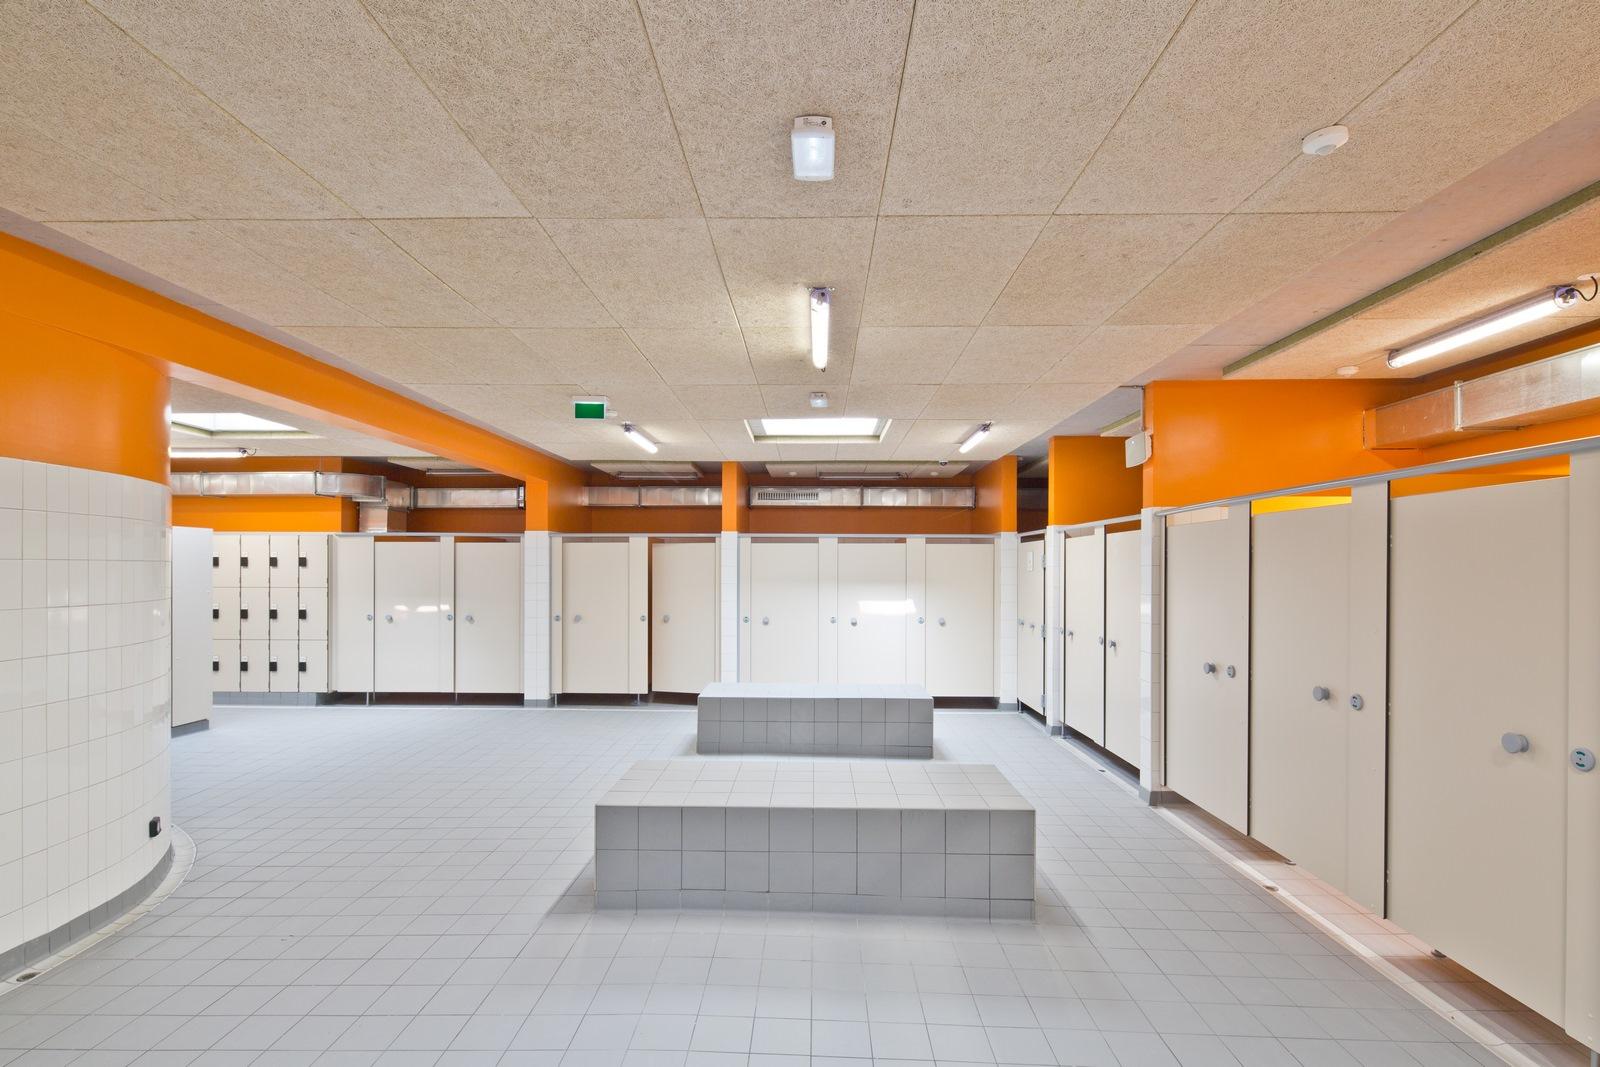 Piscine Pertuis Durance Lubéron - Z Architecture - vestiaires